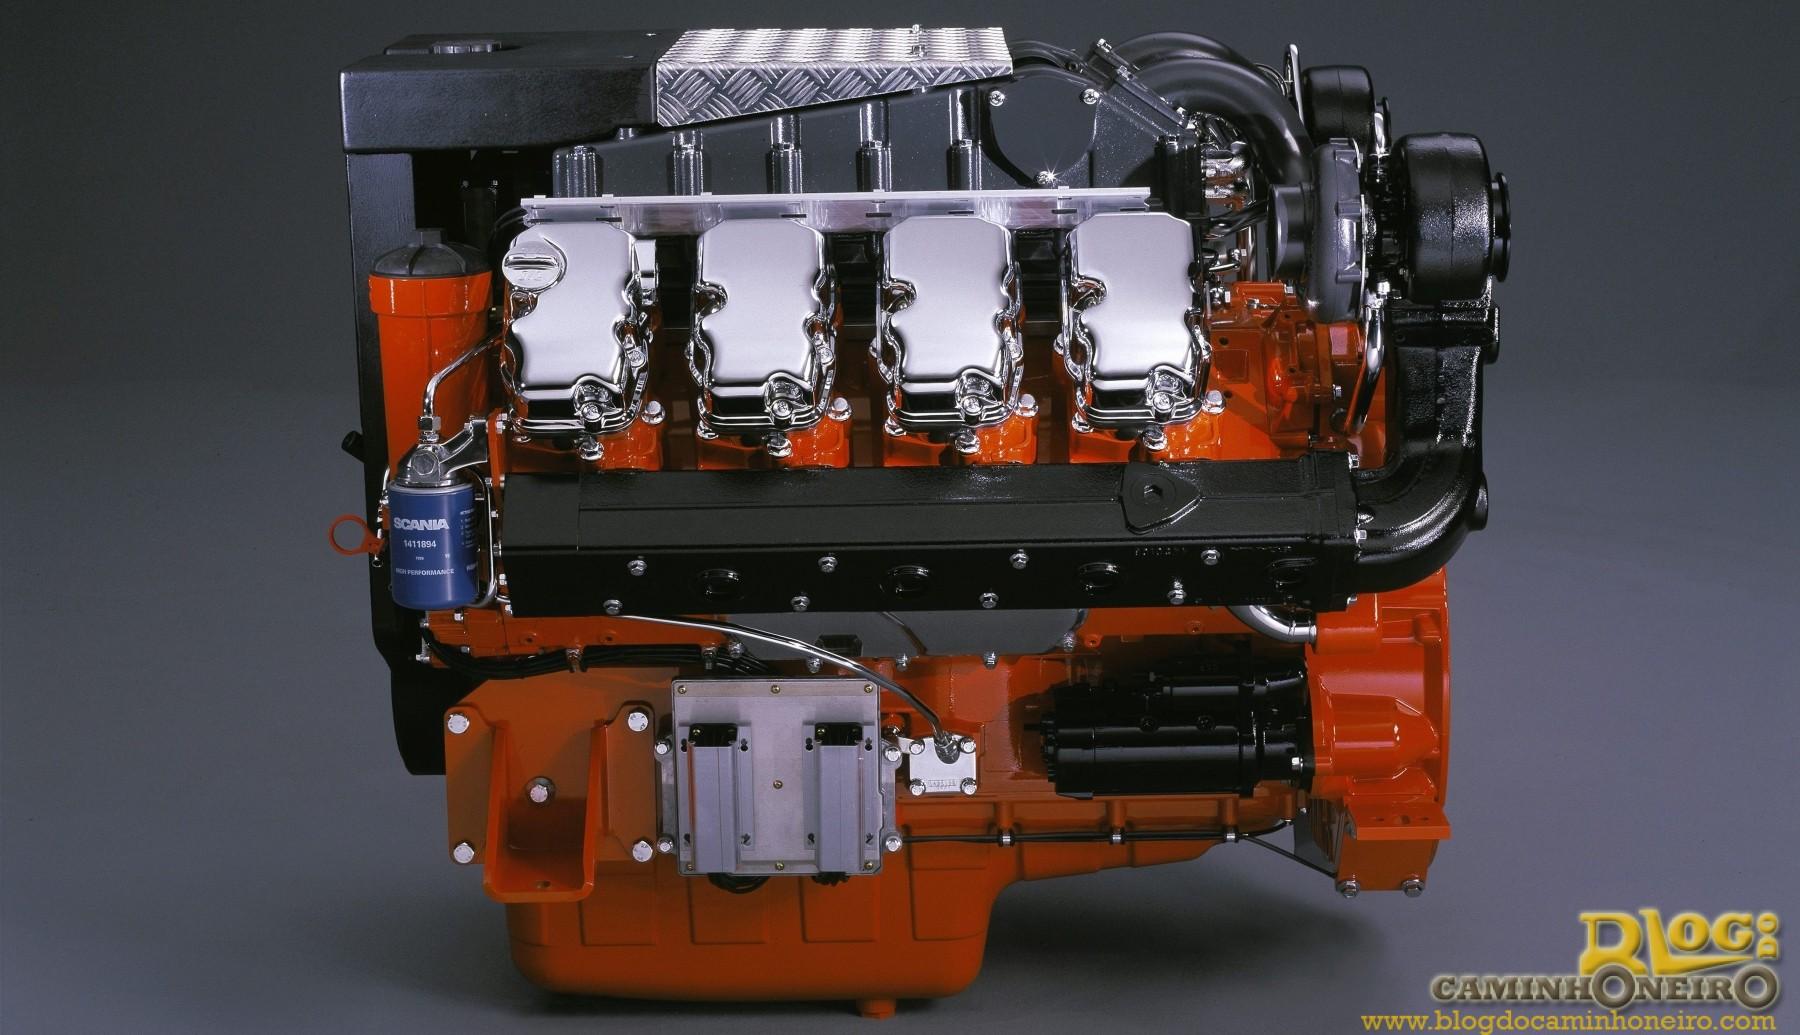 Scania Lan A Motor V8 Com Cv Blog Do Caminhoneiro